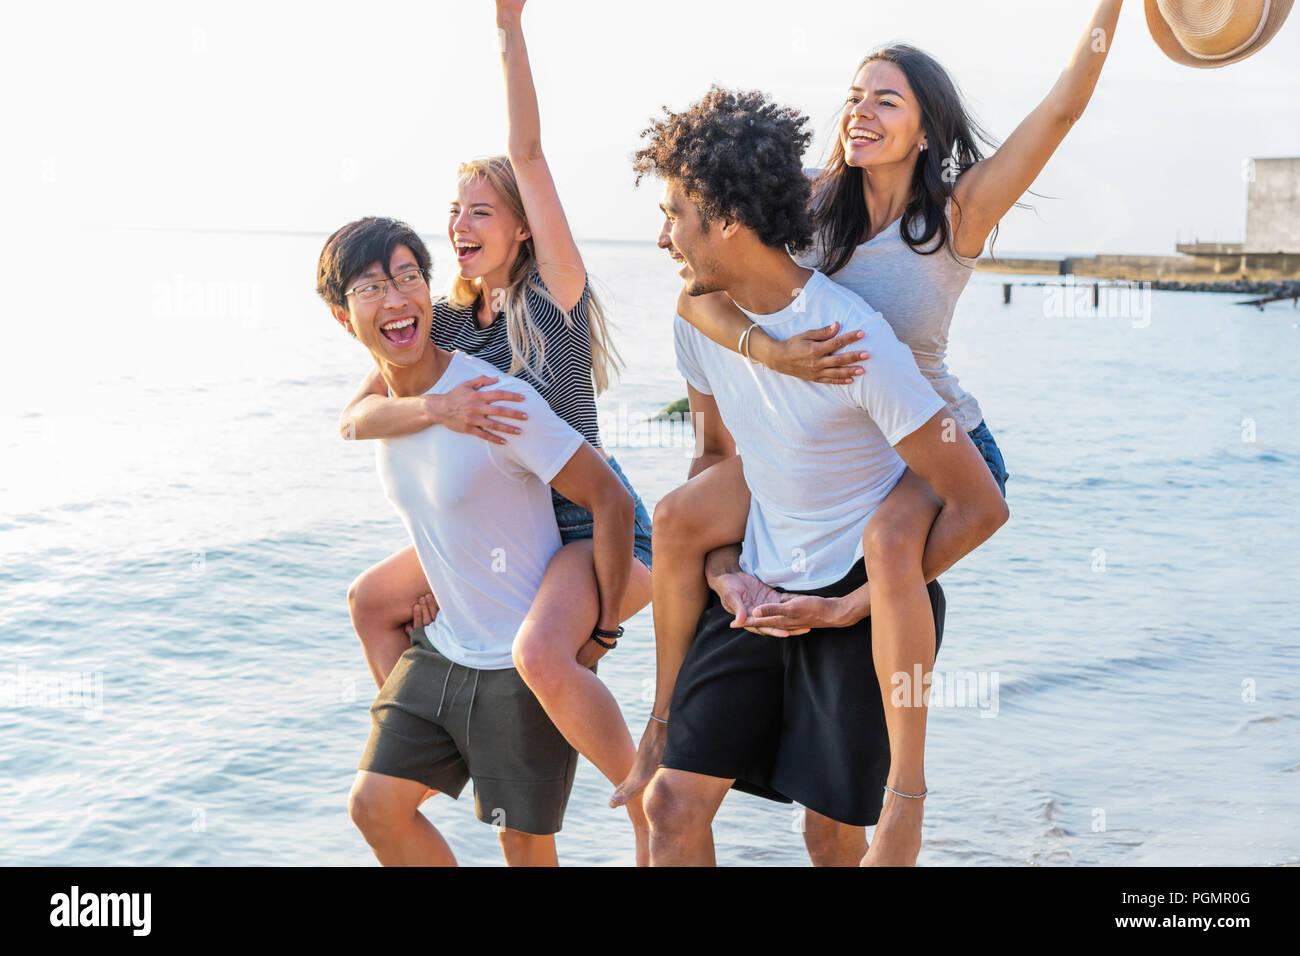 Eine Gruppe von Freunden zu Fuß am Strand entlang, mit Männer, piggyback Ride zu Freundinnen. Glückliche junge Freunde genießen Sie einen Tag am Strand Stockbild